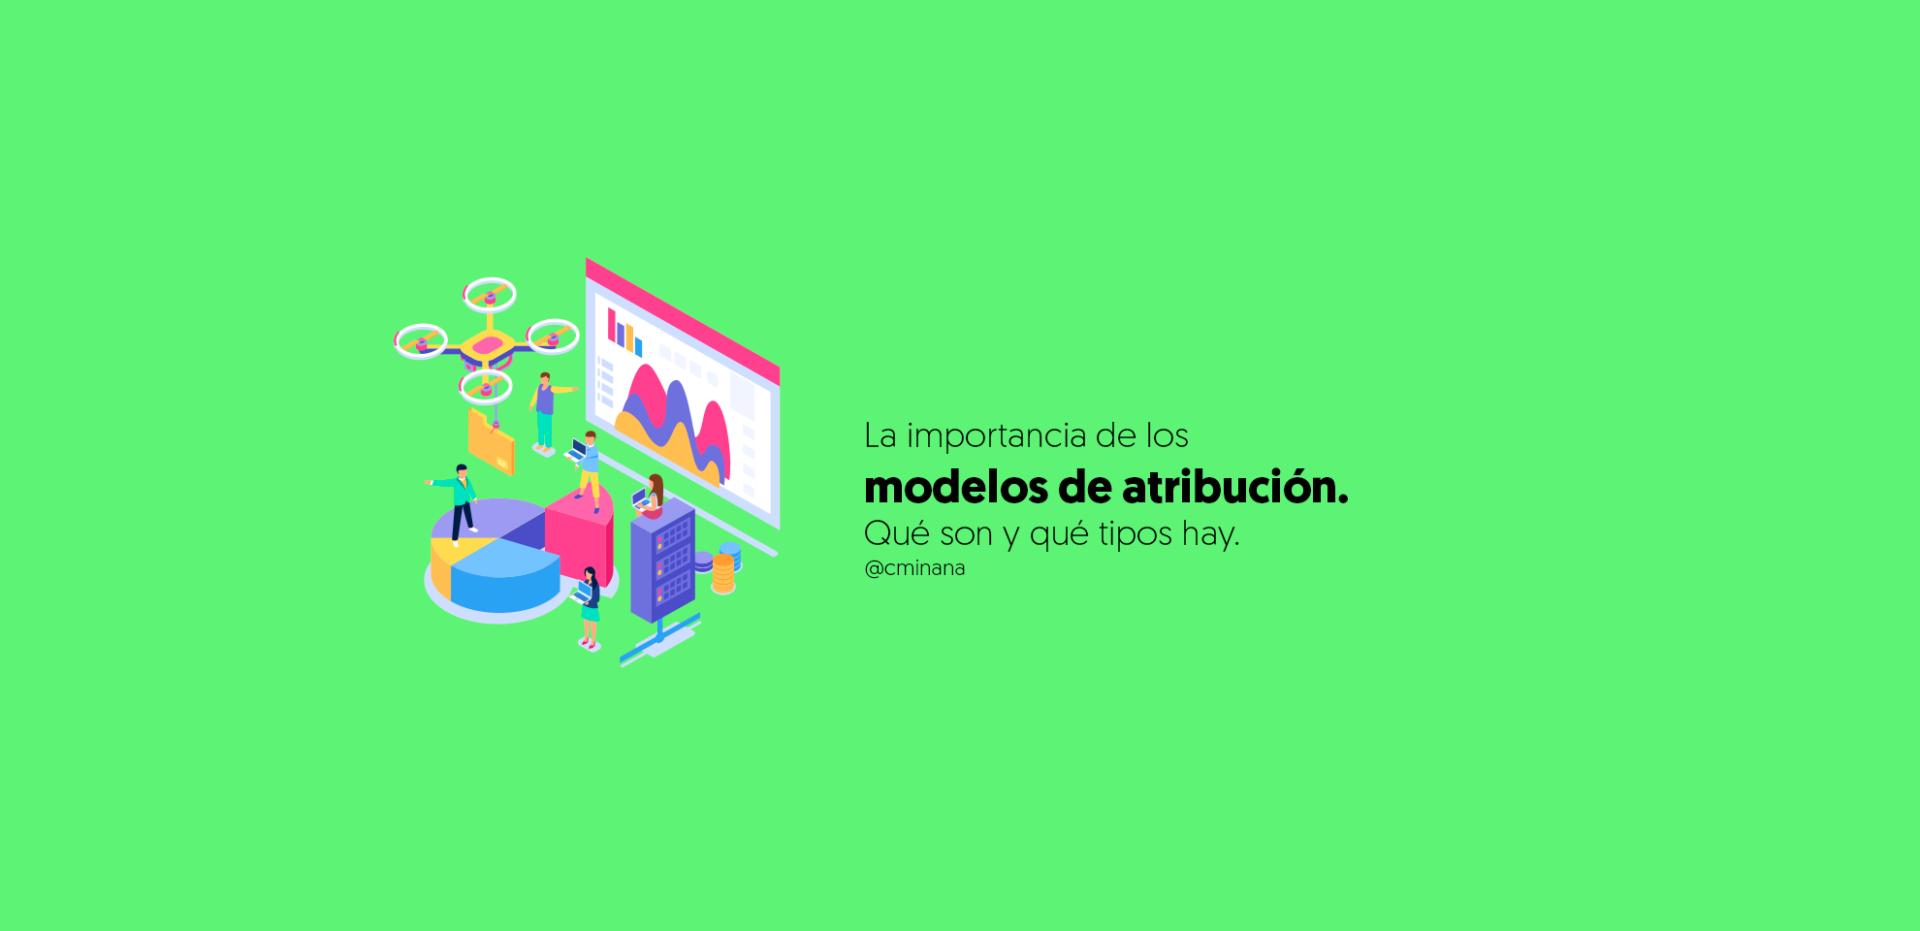 modelos de atribucion